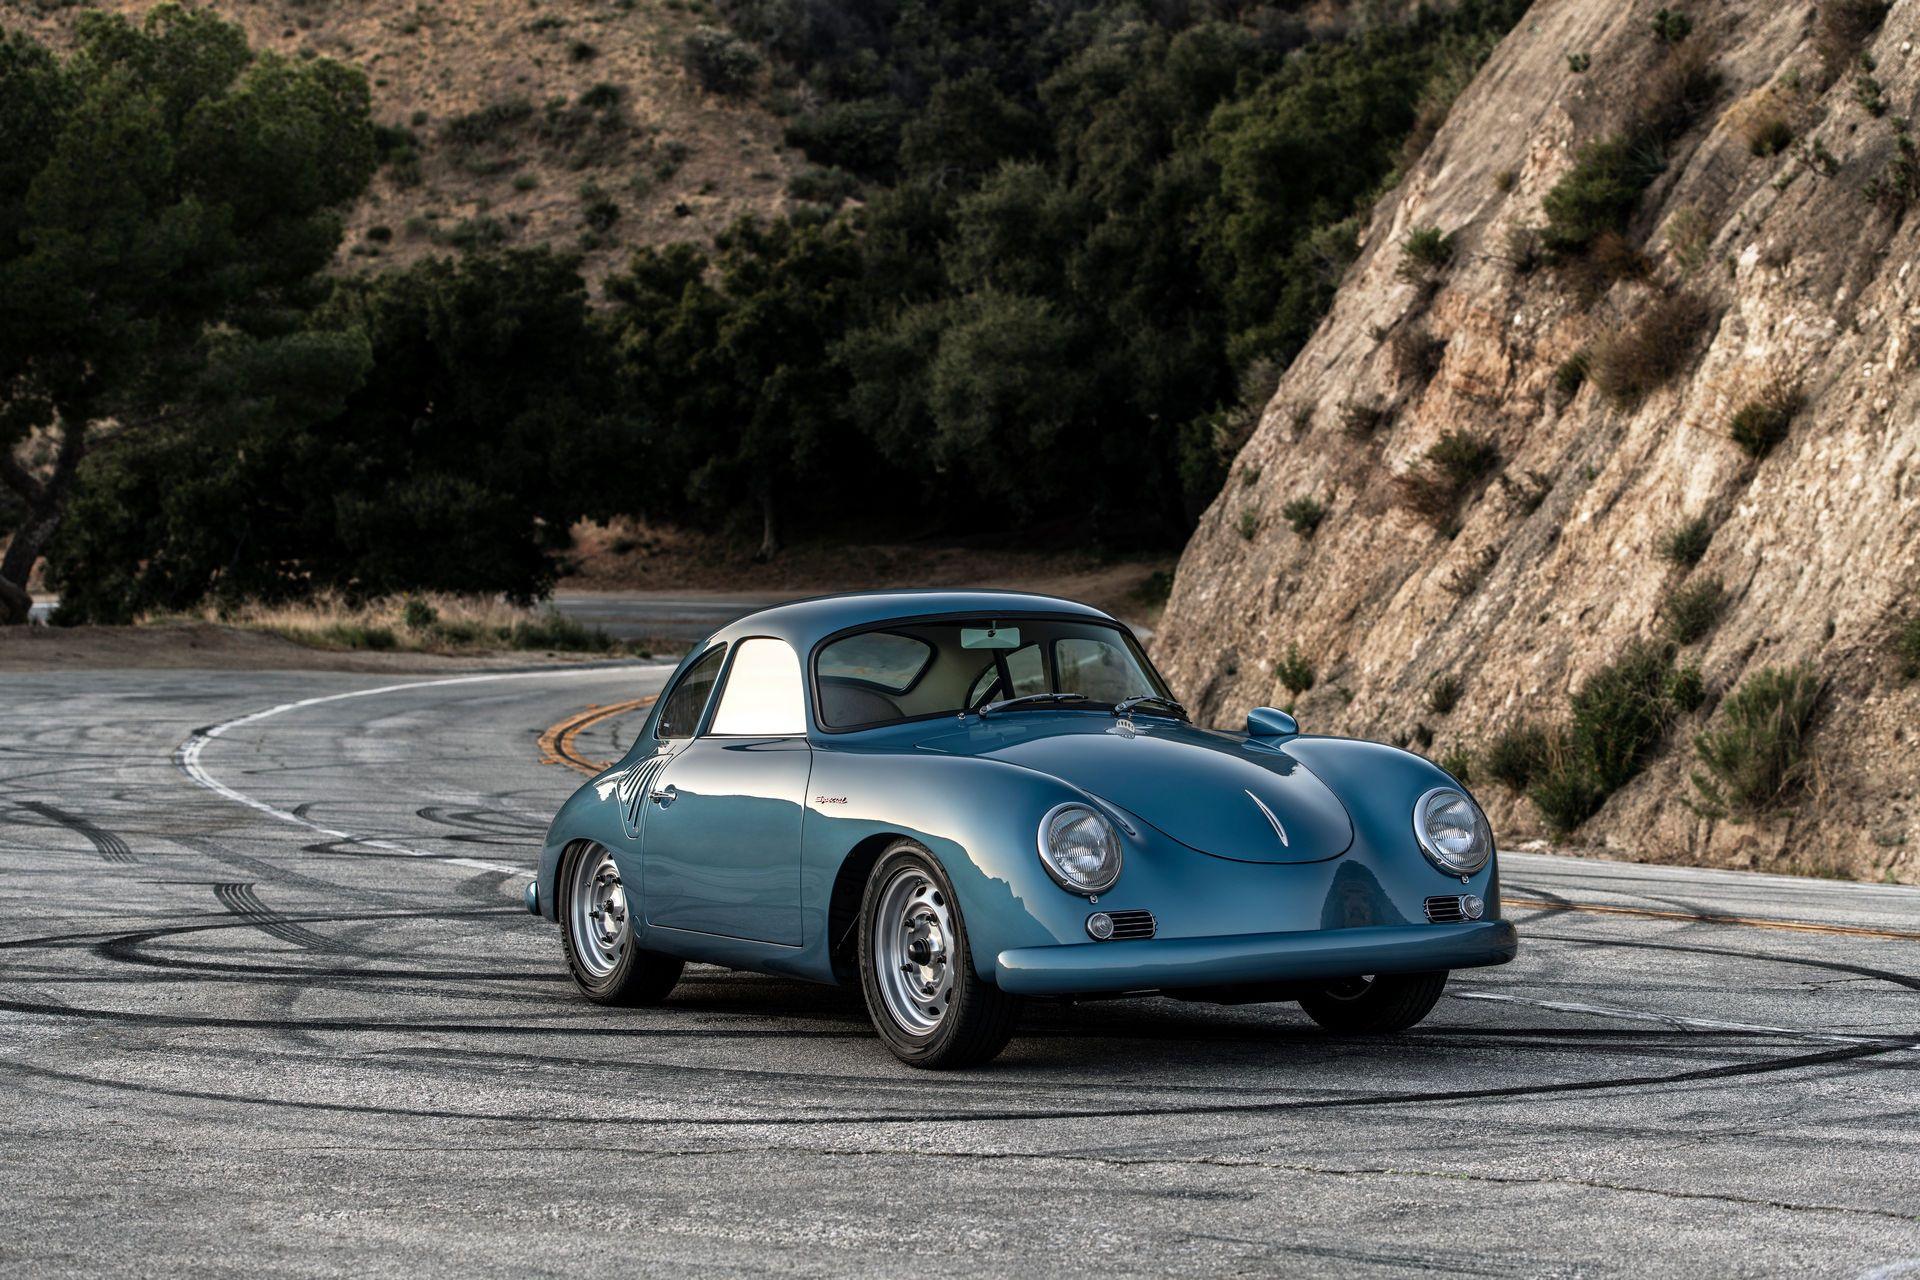 Porsche-356-A-Coupe-Restomod-Emory-Motorsports-34